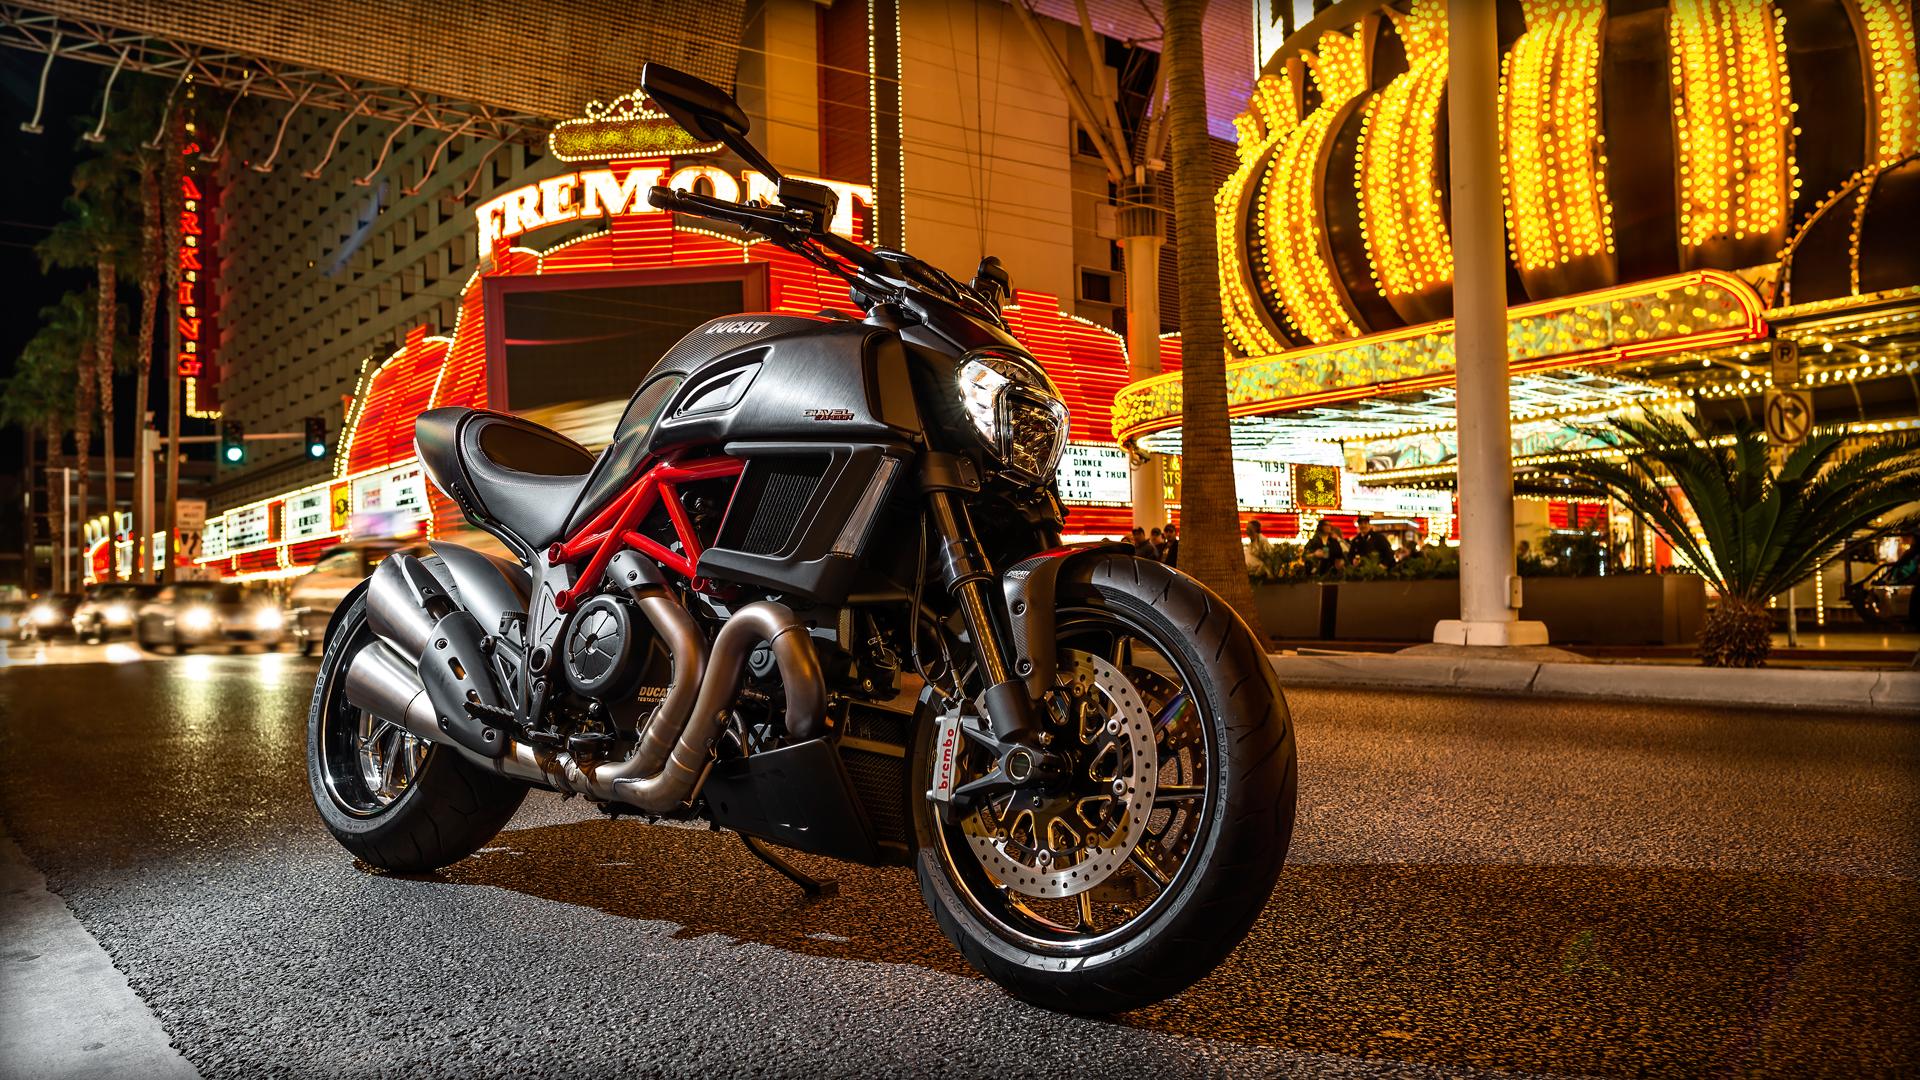 2015 Ducati Diavel Carbon   wallpaper 1920x1080